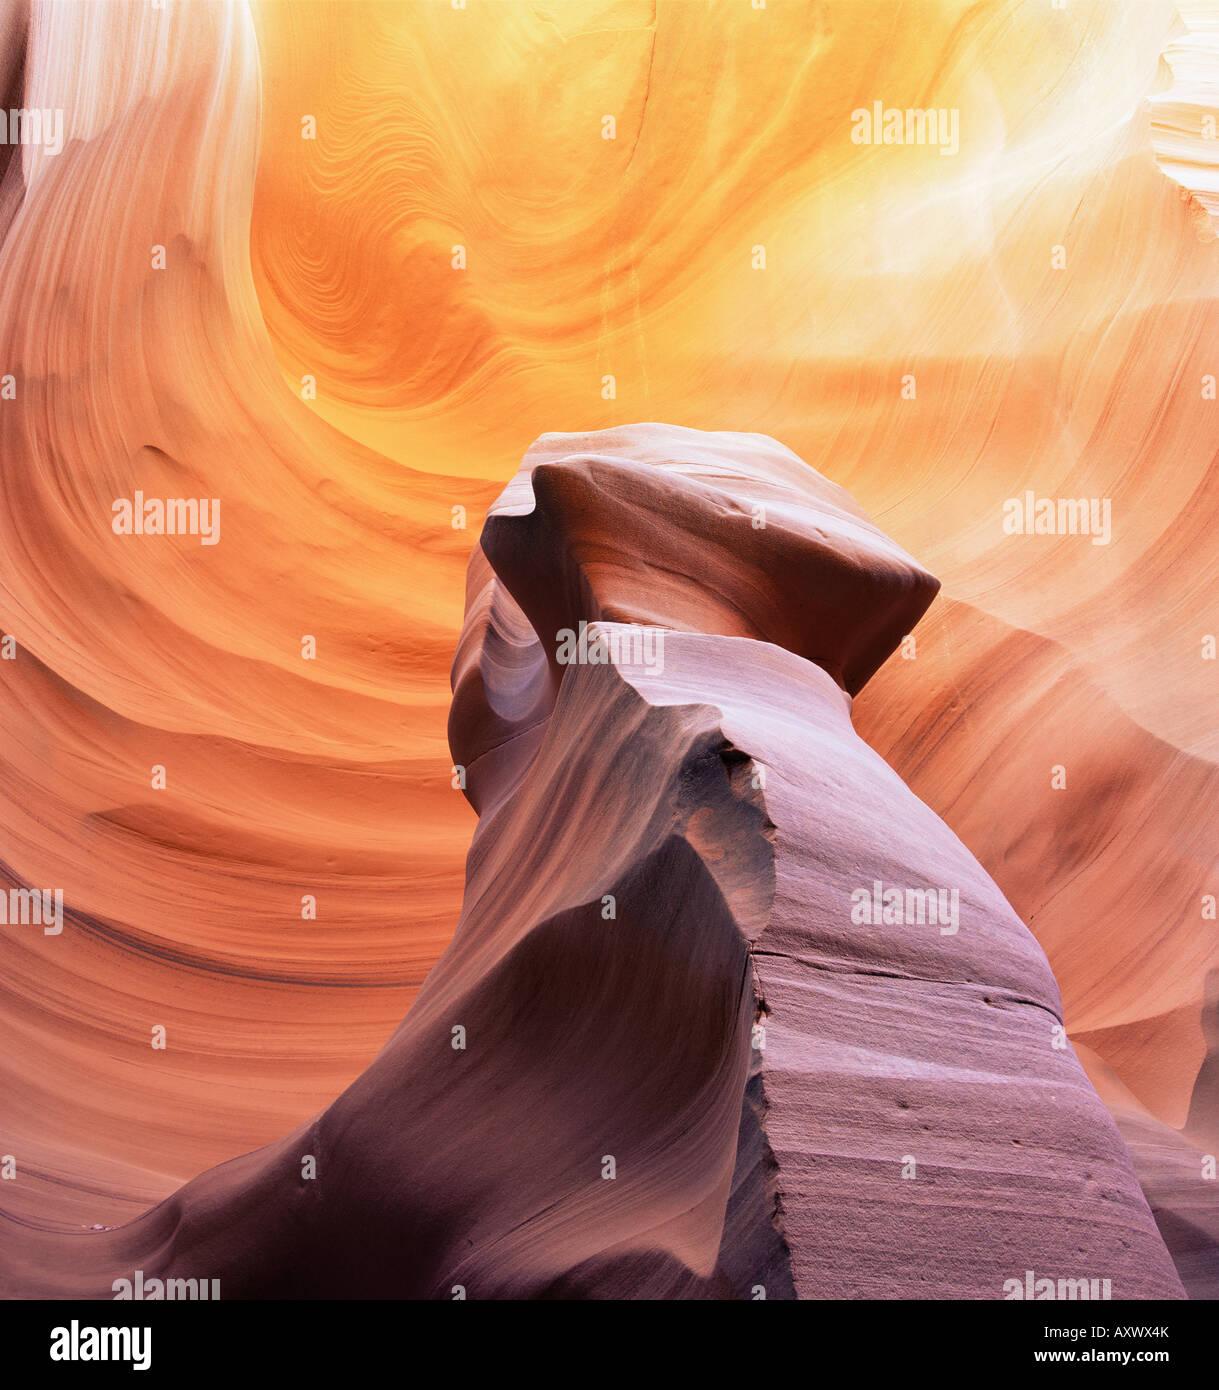 Pilastro di pietra in Thin Lizy Canyon, uno slot Canyon, Arizona, Stati Uniti d'America (USA), America del Nord Immagini Stock